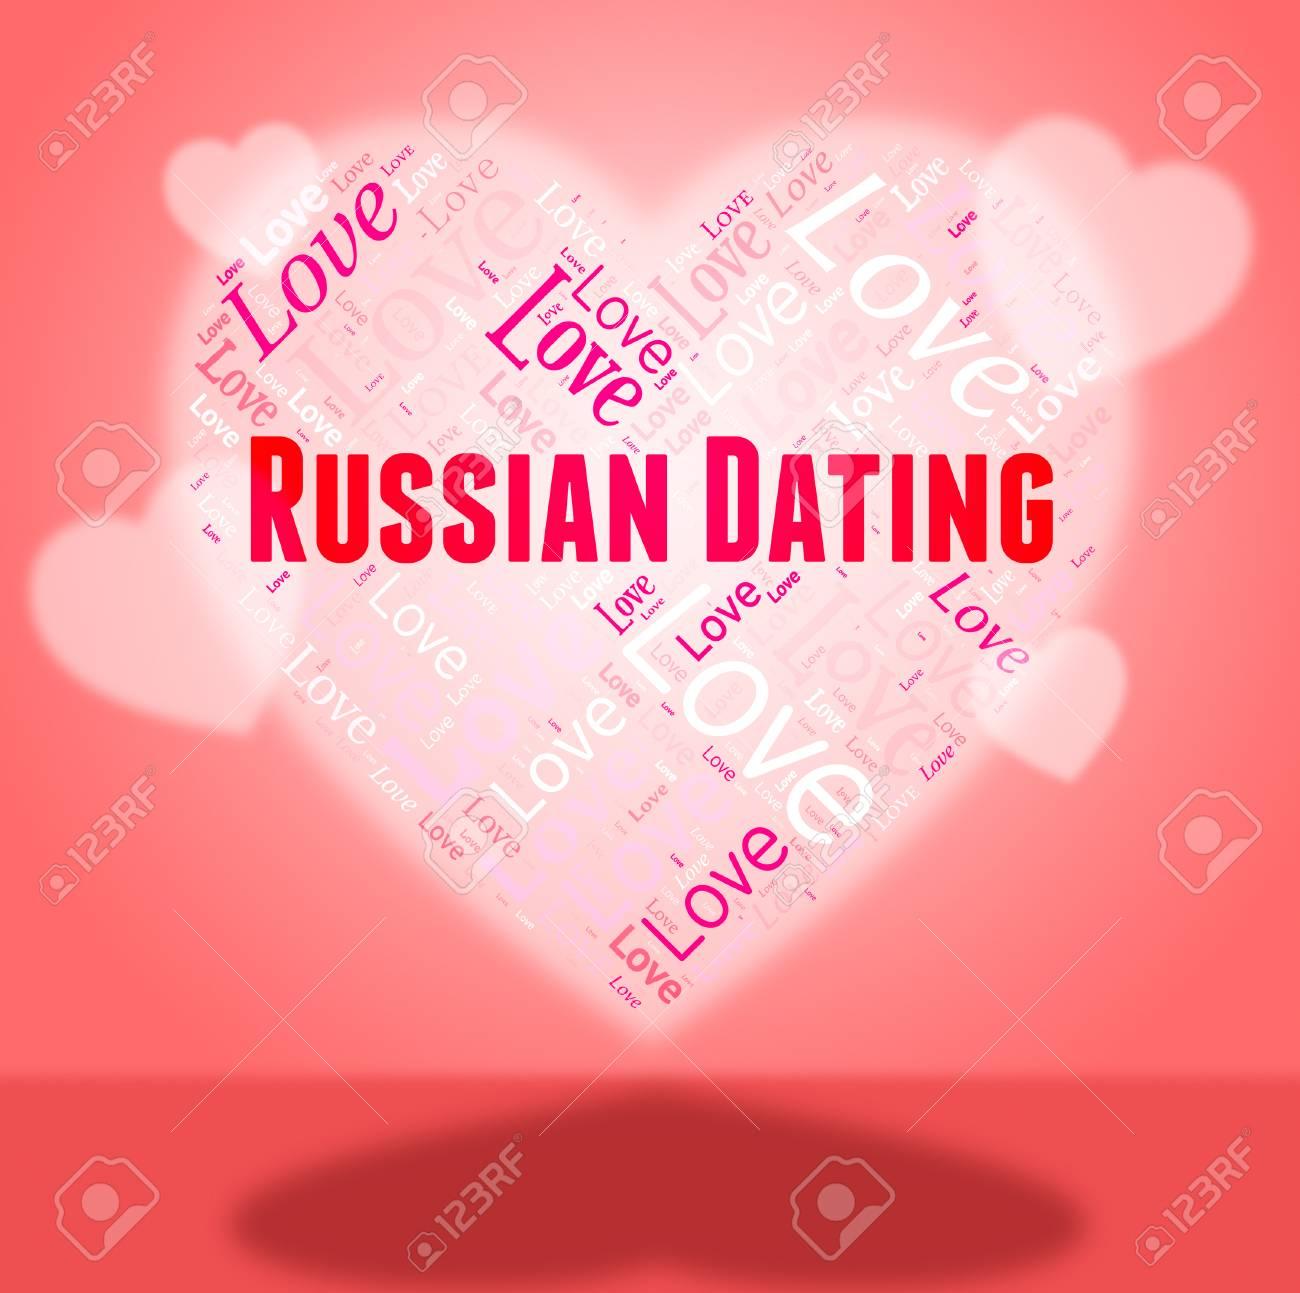 Sur la datation russe